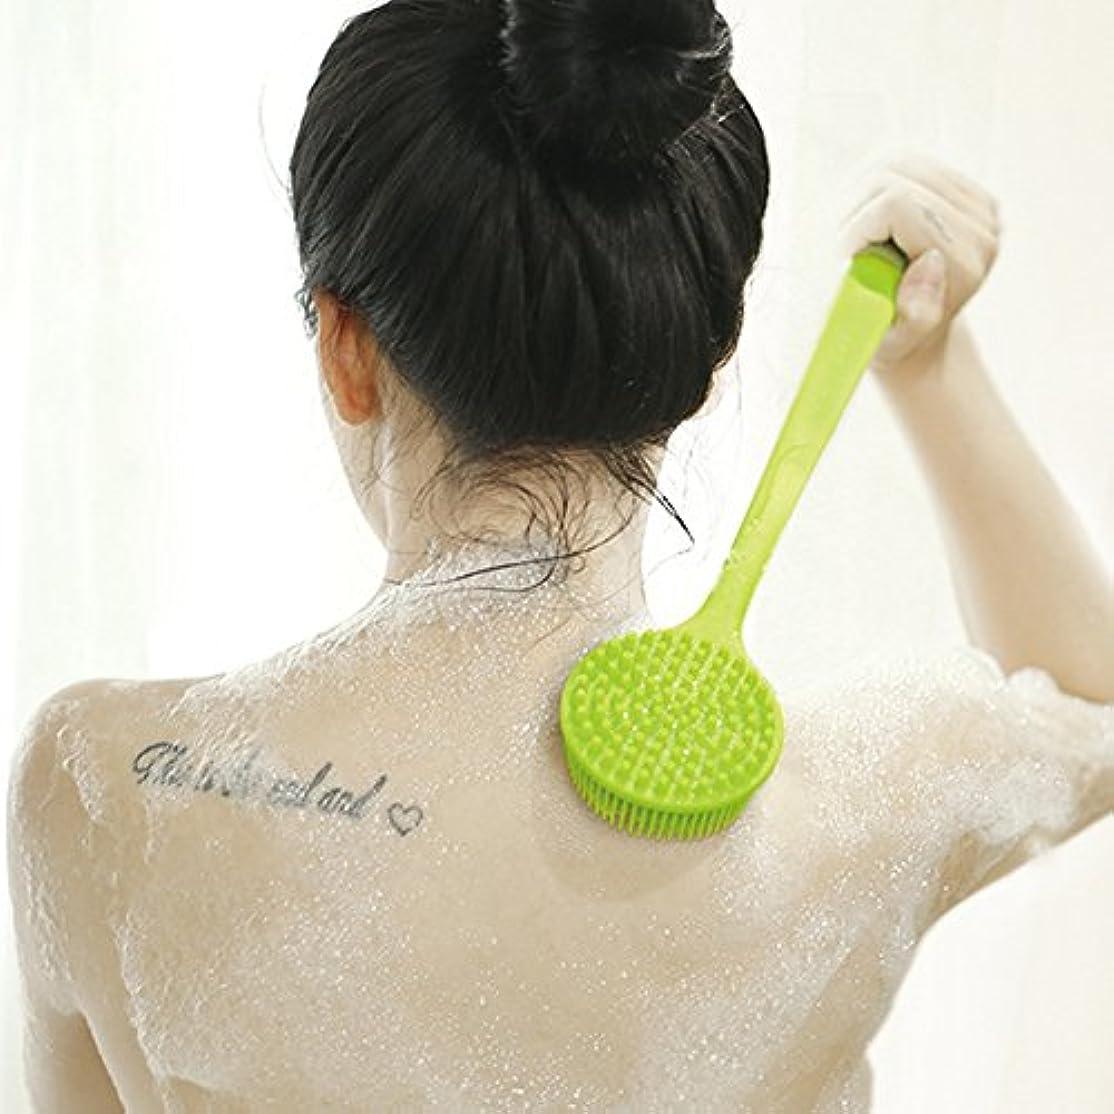 トラフィックデコードする公式ボディブラシ シャワーブラシ お風呂用 シリコン製 体洗い マッサージブラシ 毛穴洗浄 角質除去 多機能 柔らかい